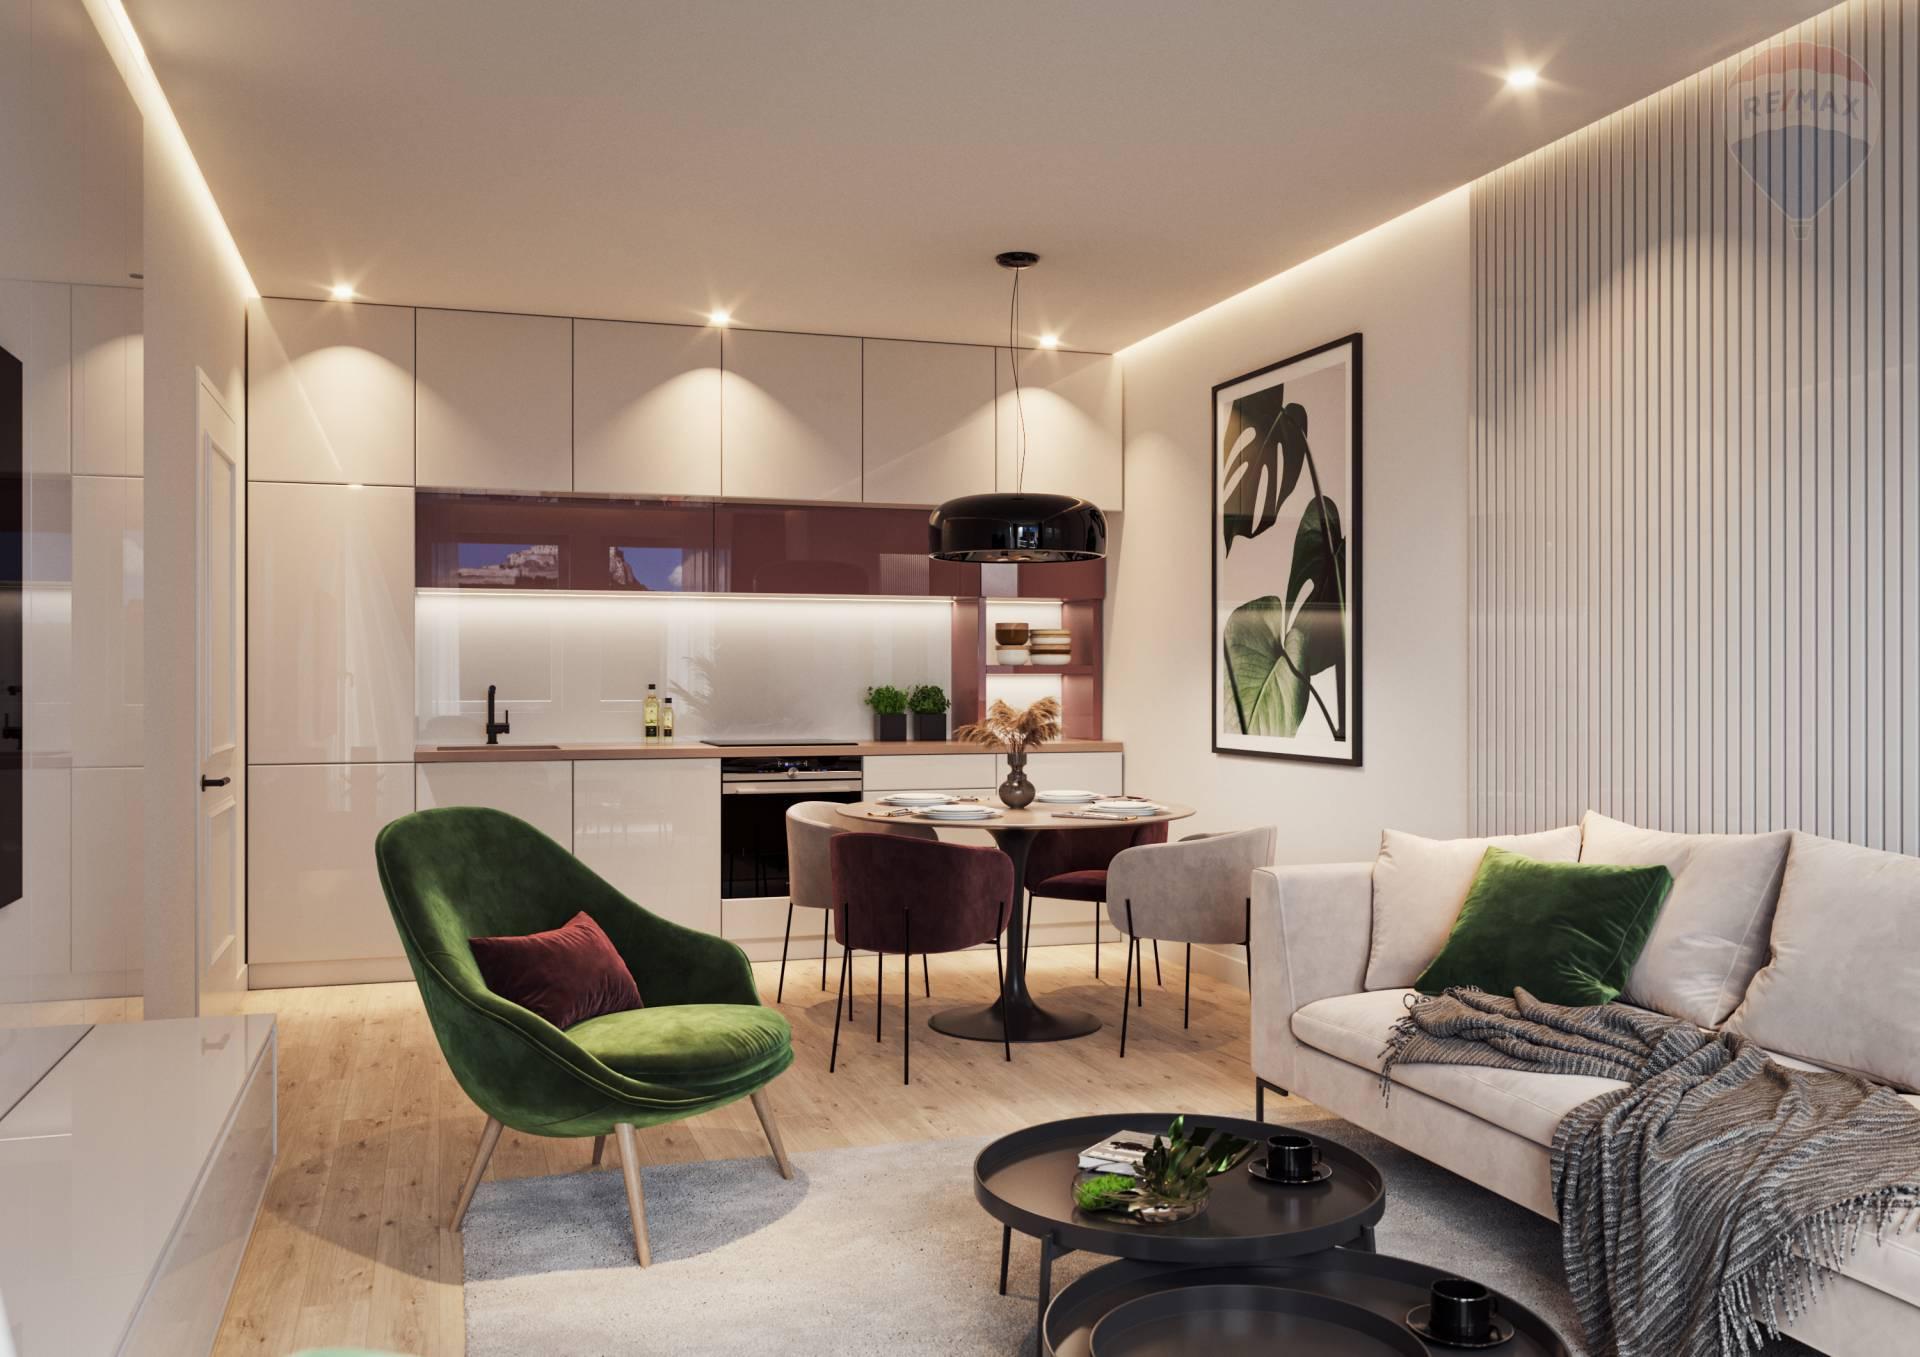 2 izbový byt na predaj, novostavba, projekt Rezidencia Pod Hradom